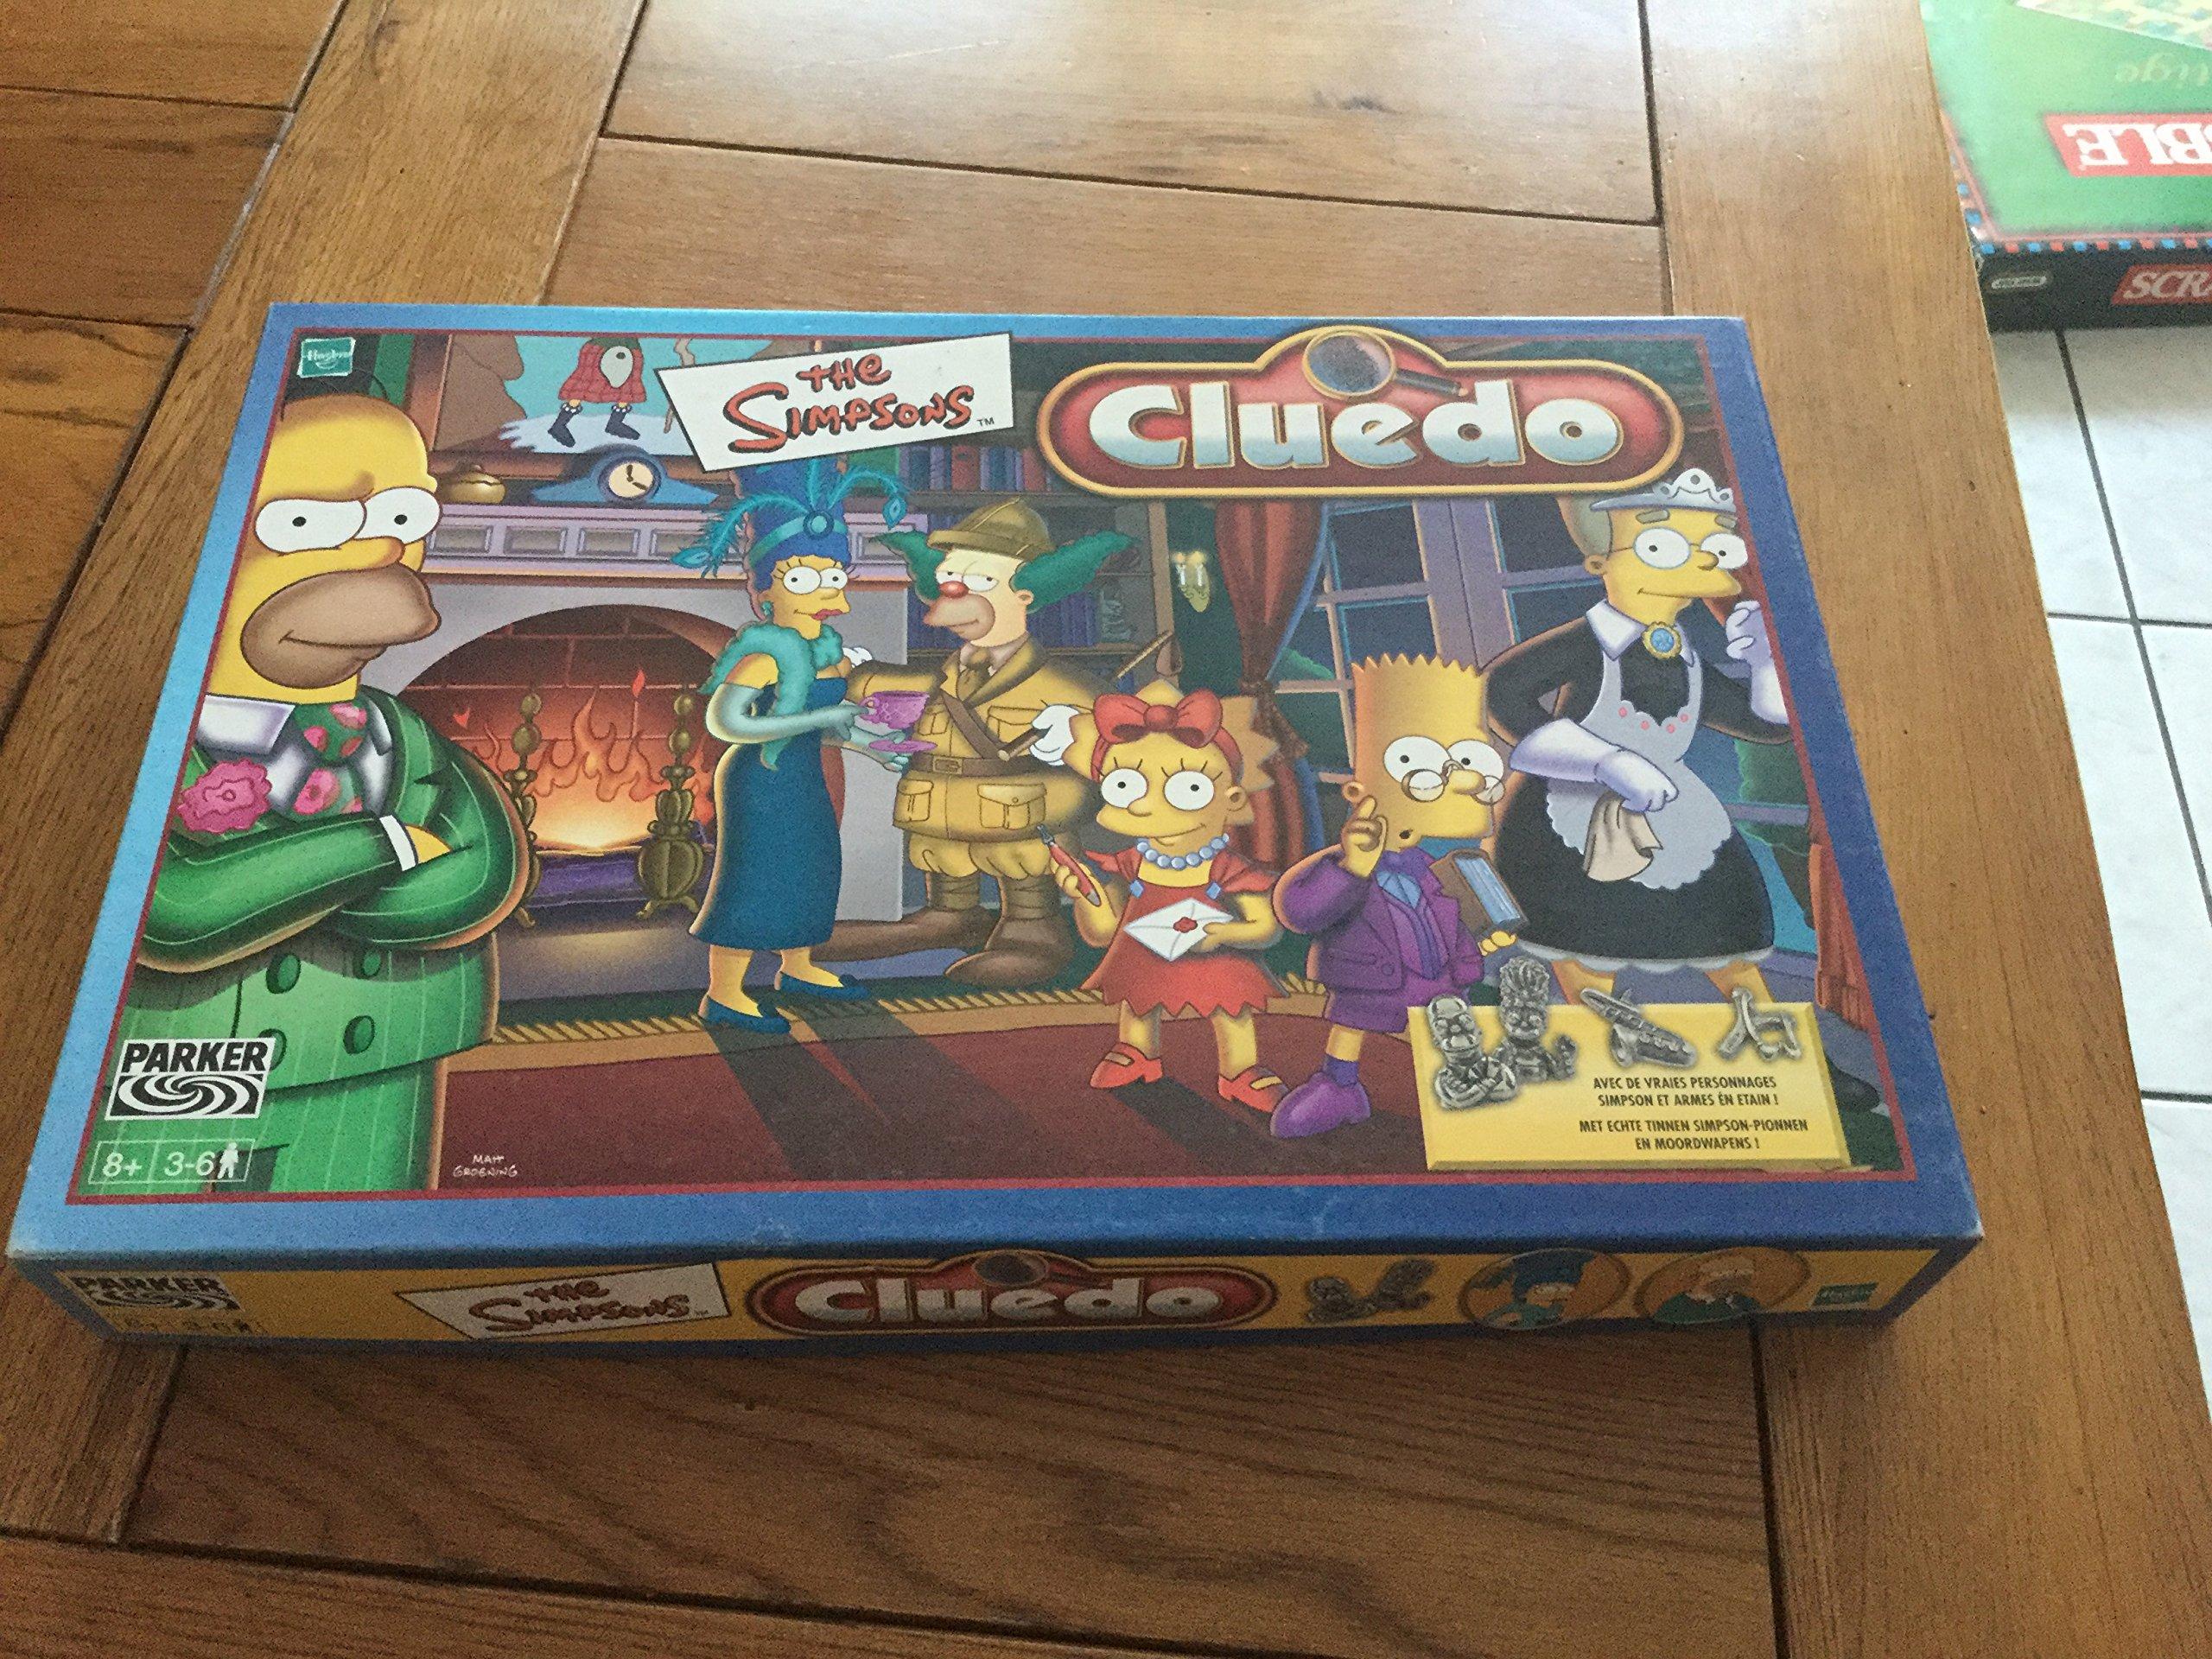 Hasbro – 419421970 – Cluedo – Juego de Tablero – Juego de Bandeja reflexión – Cluedo Simpsons: Amazon.es: Juguetes y juegos